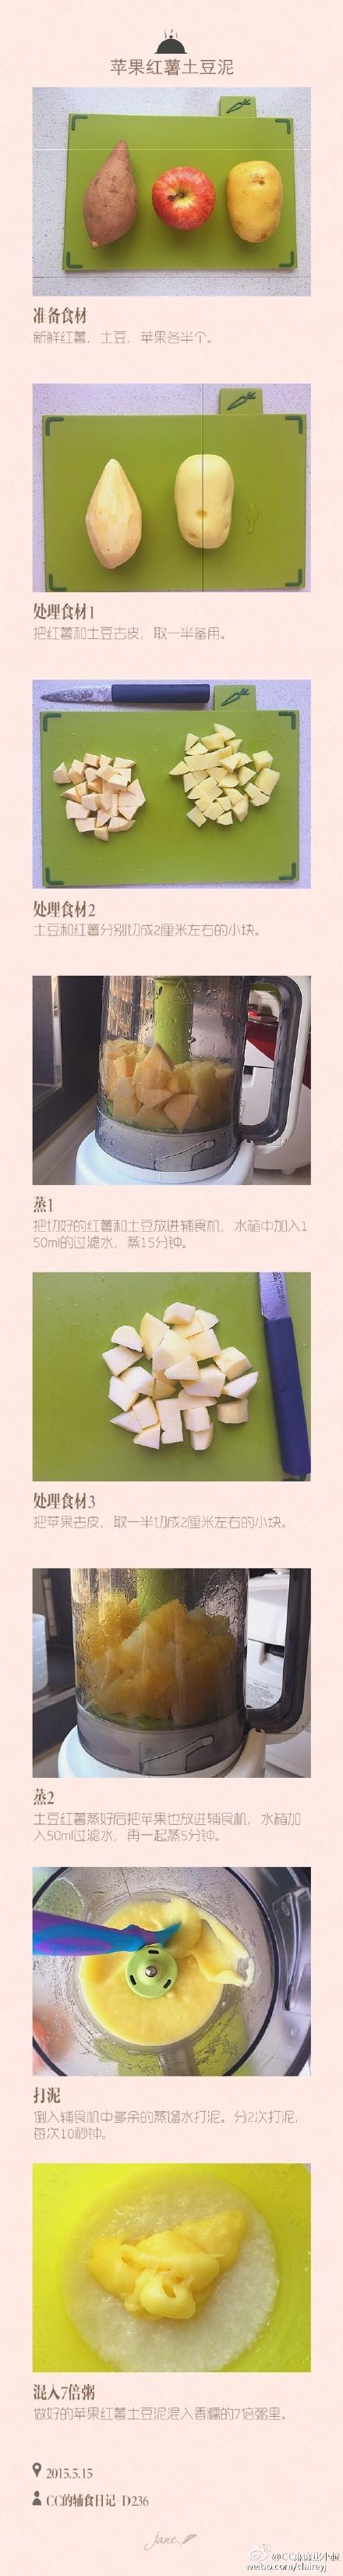 苹果红薯土豆泥适合7个月以上的宝宝三种食材混合,搭配7倍粥,宝宝吃的好开心7倍粥10倍粥的做法: